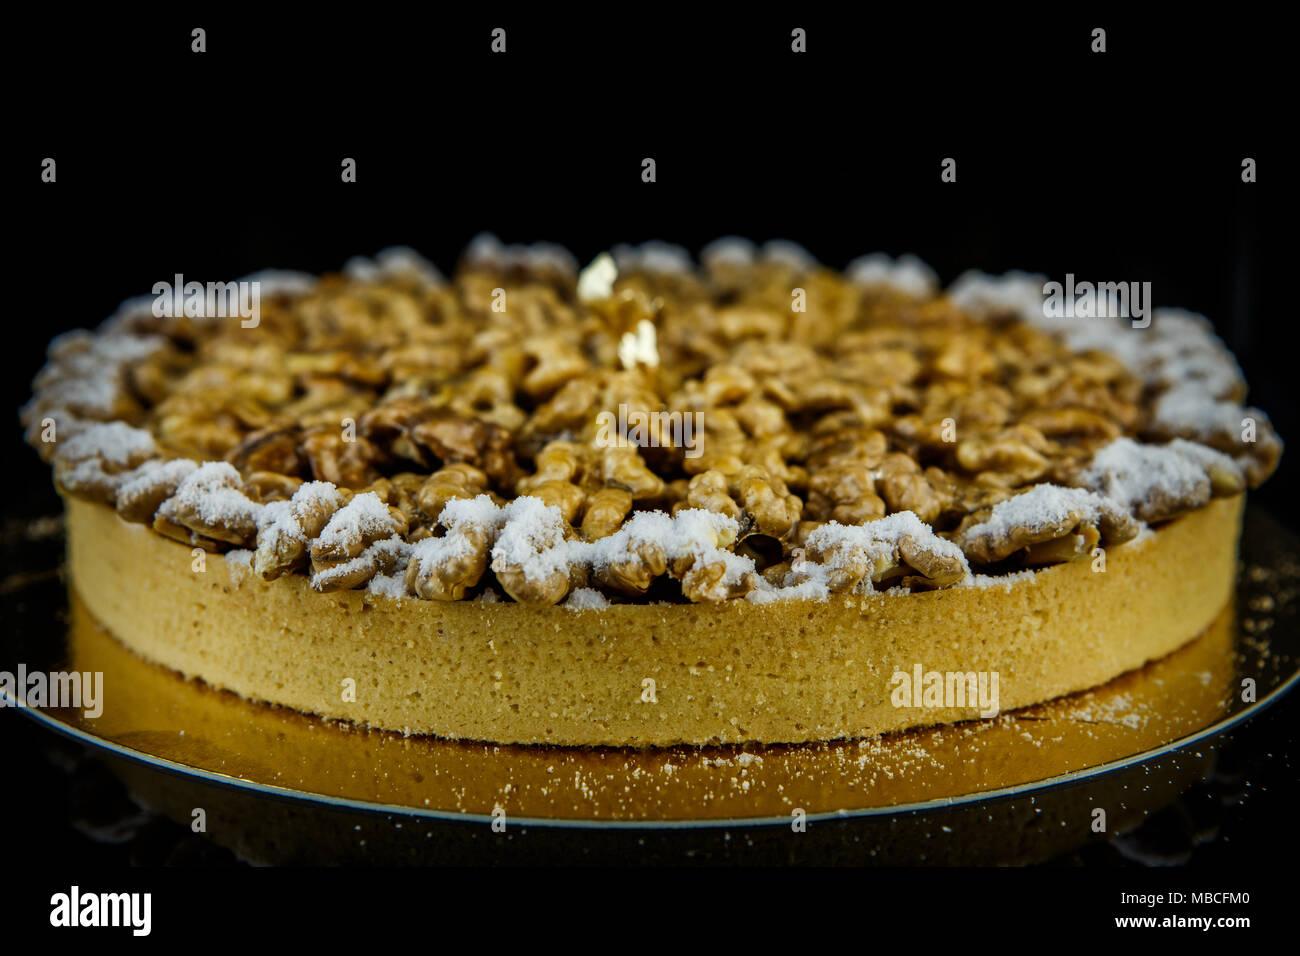 Lecker Keks Kuchen Mit Mandeln Auf Black Mirror Hintergrund